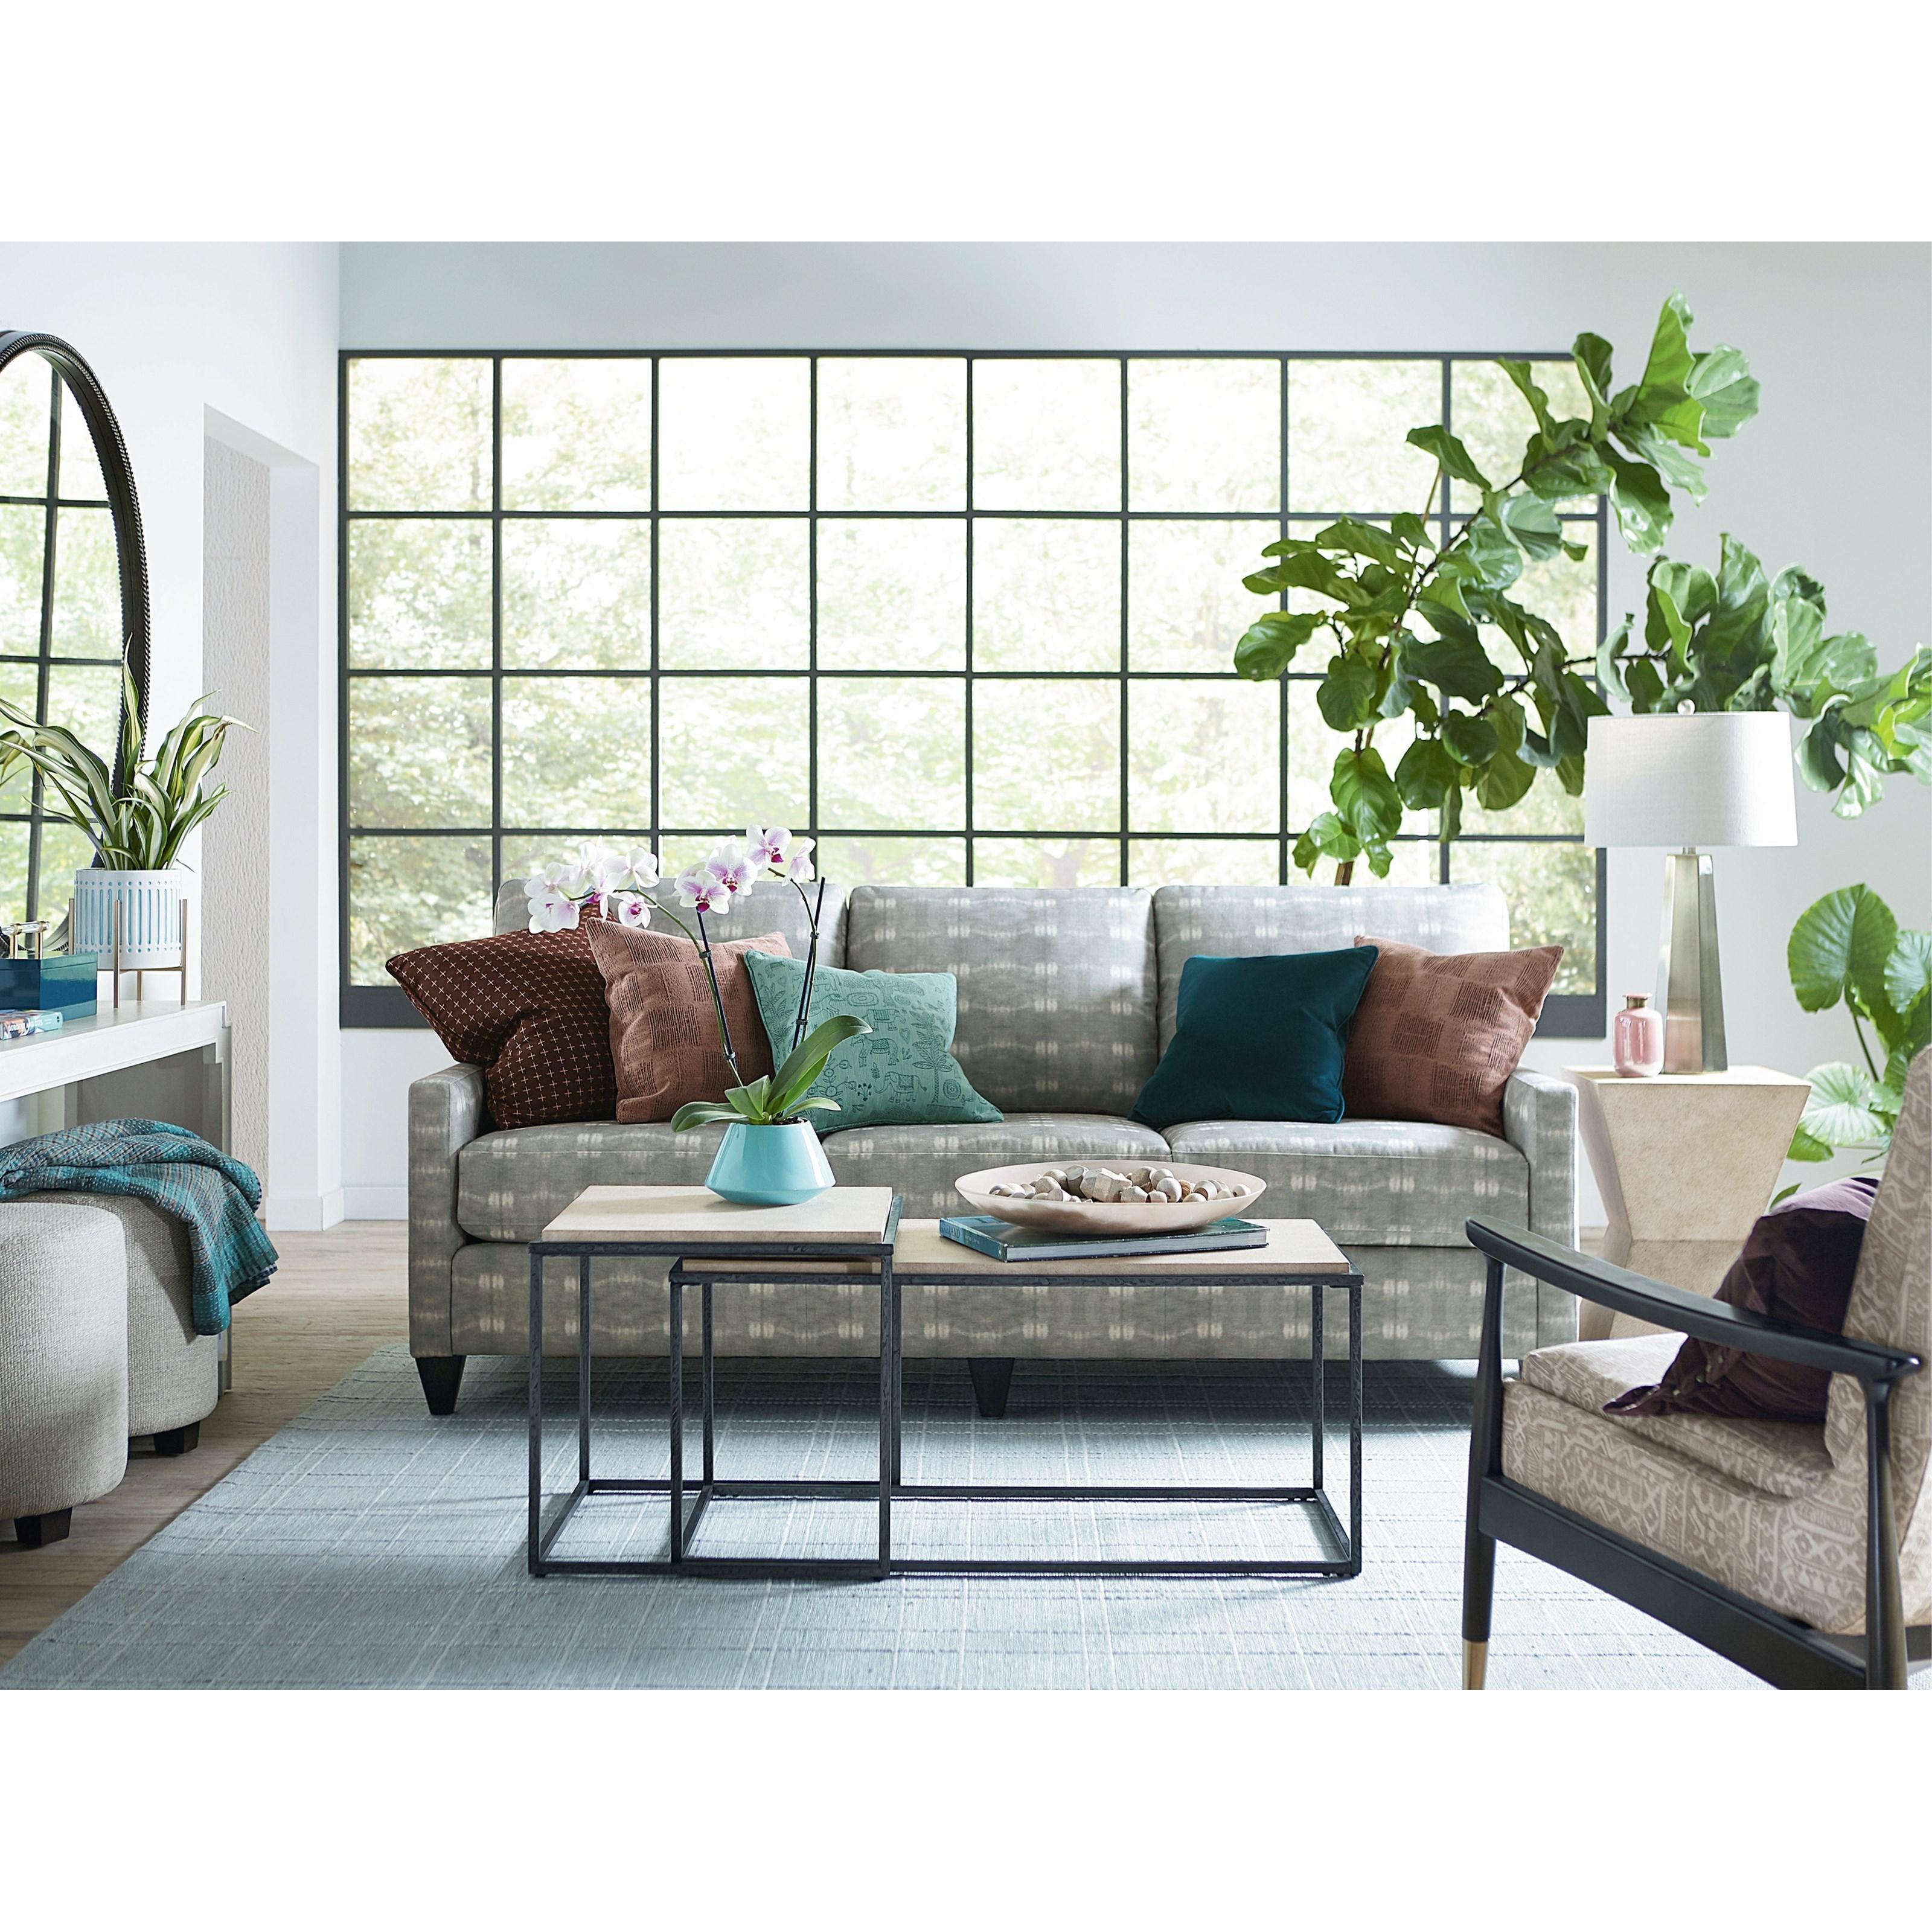 Custom Upholstery Customizable Great Room Sofa by Bassett at Bassett of Cool Springs